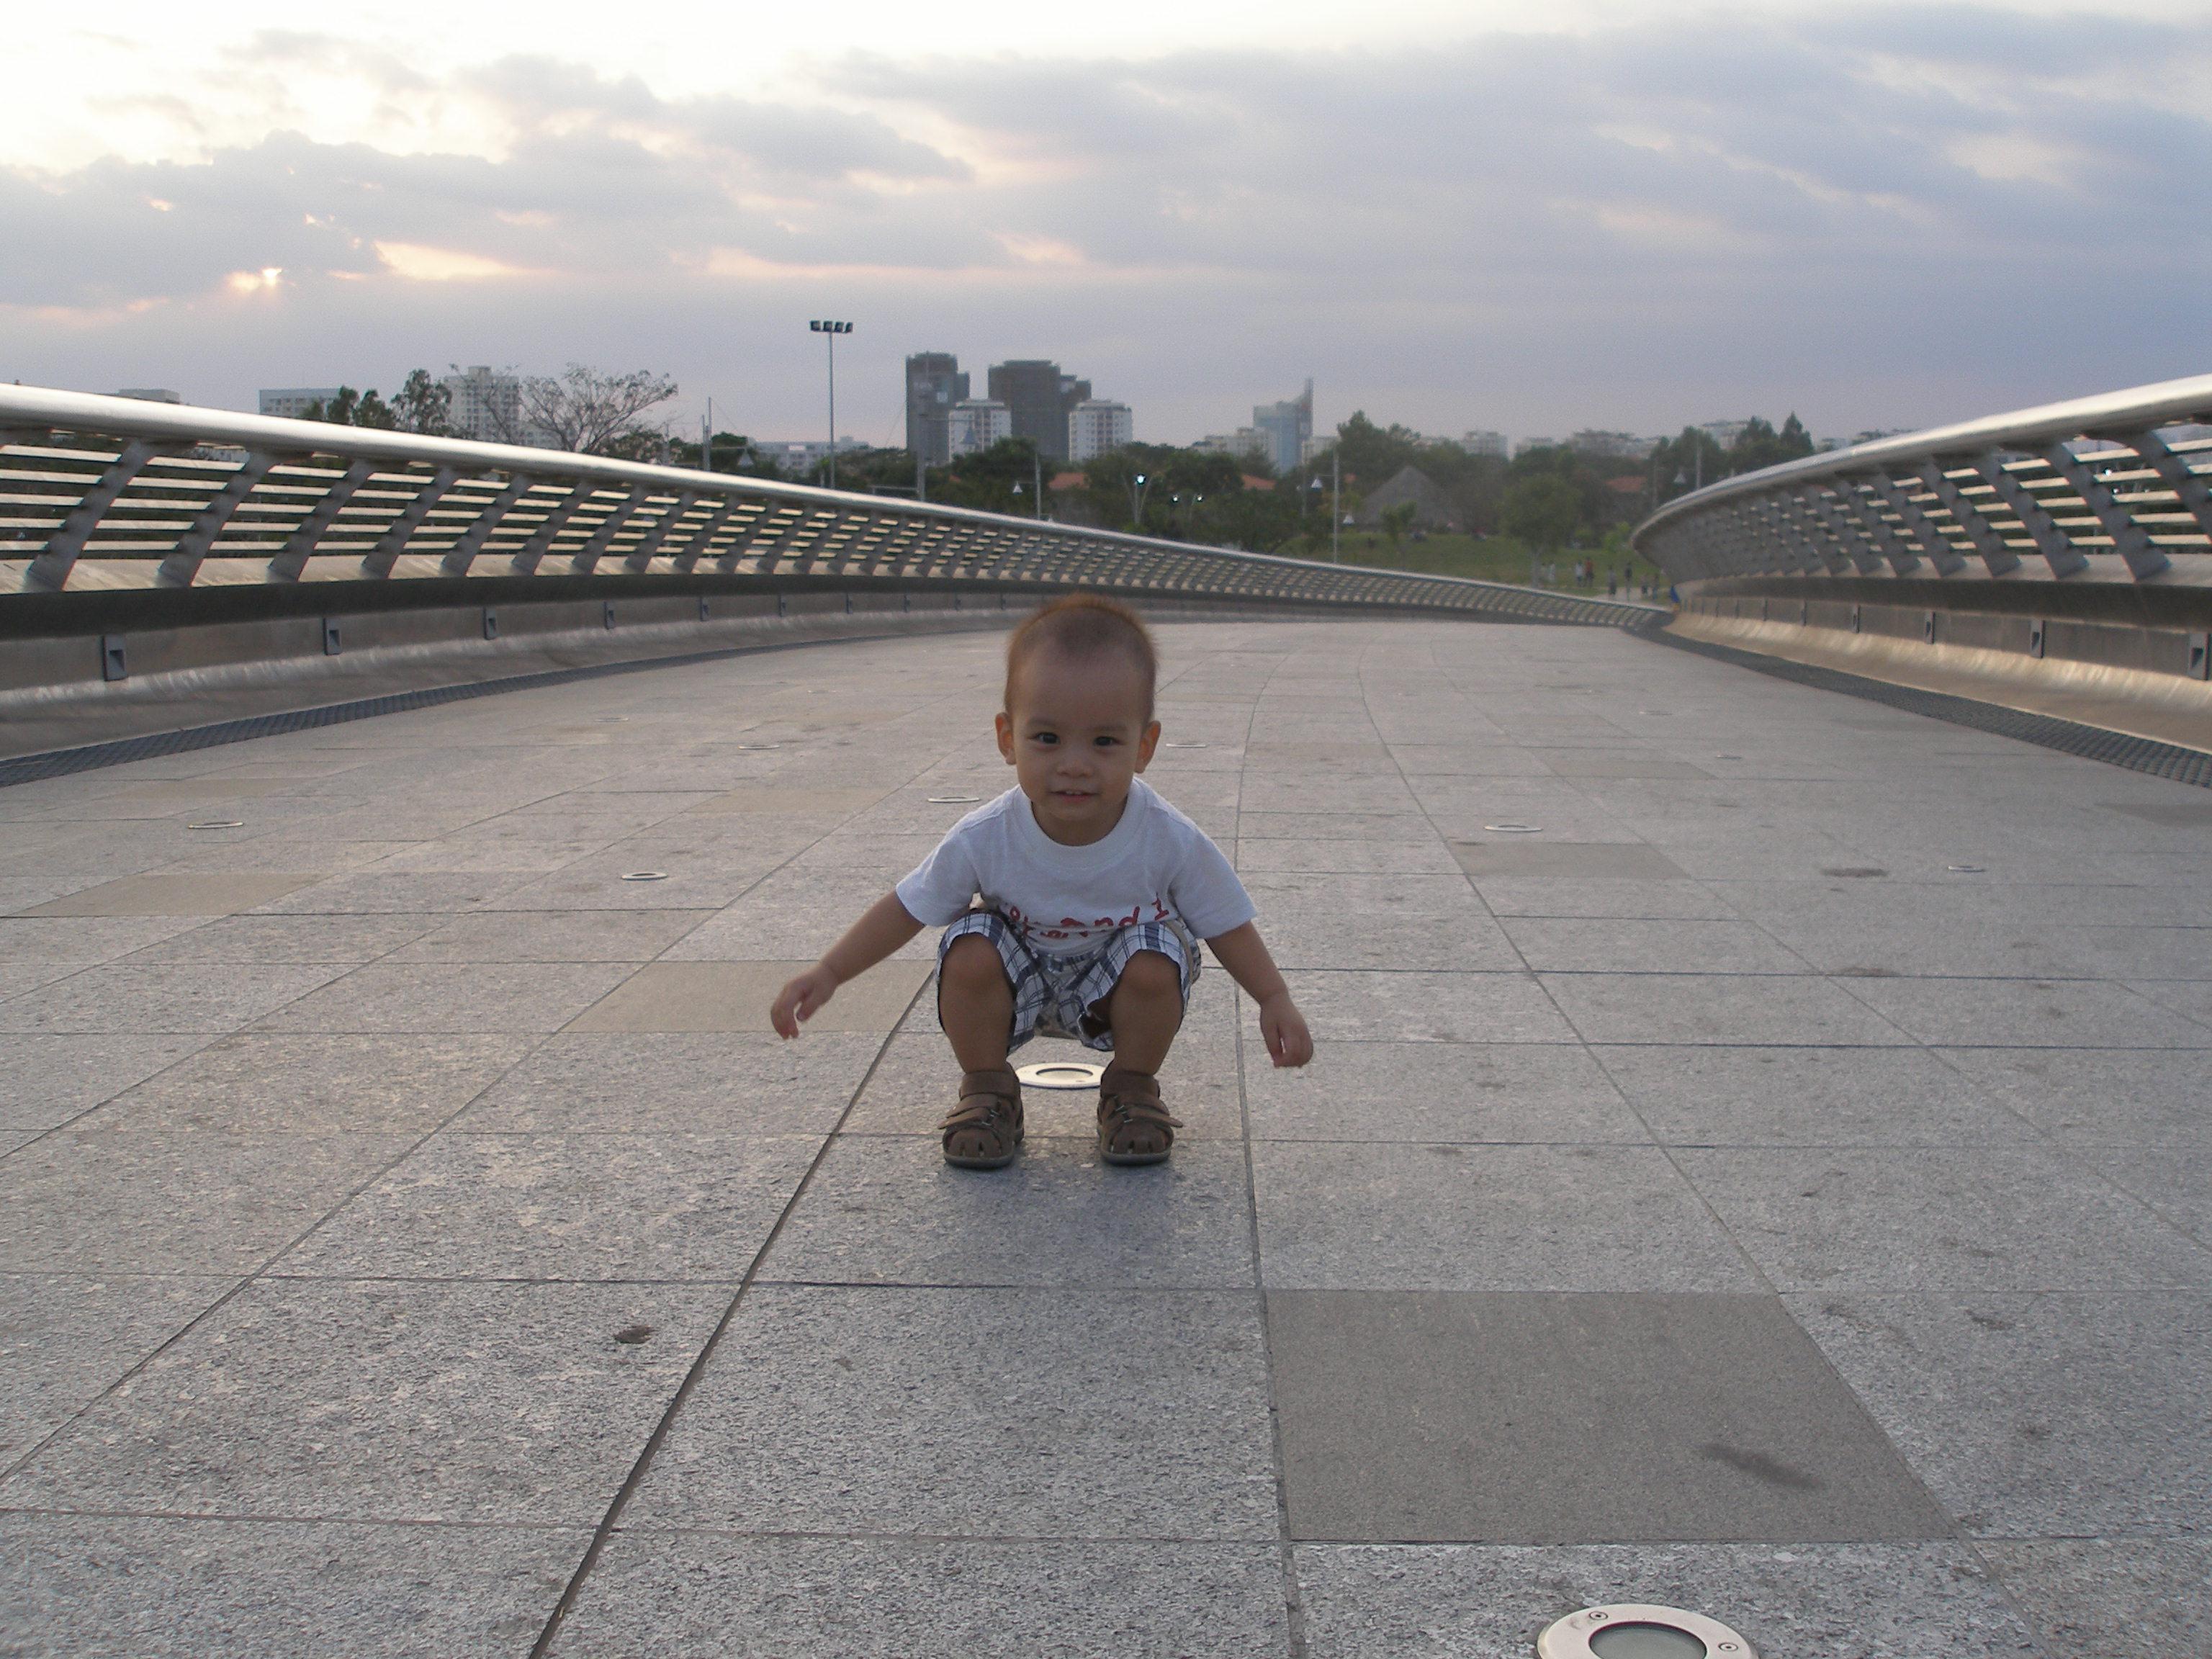 Baby fun photo